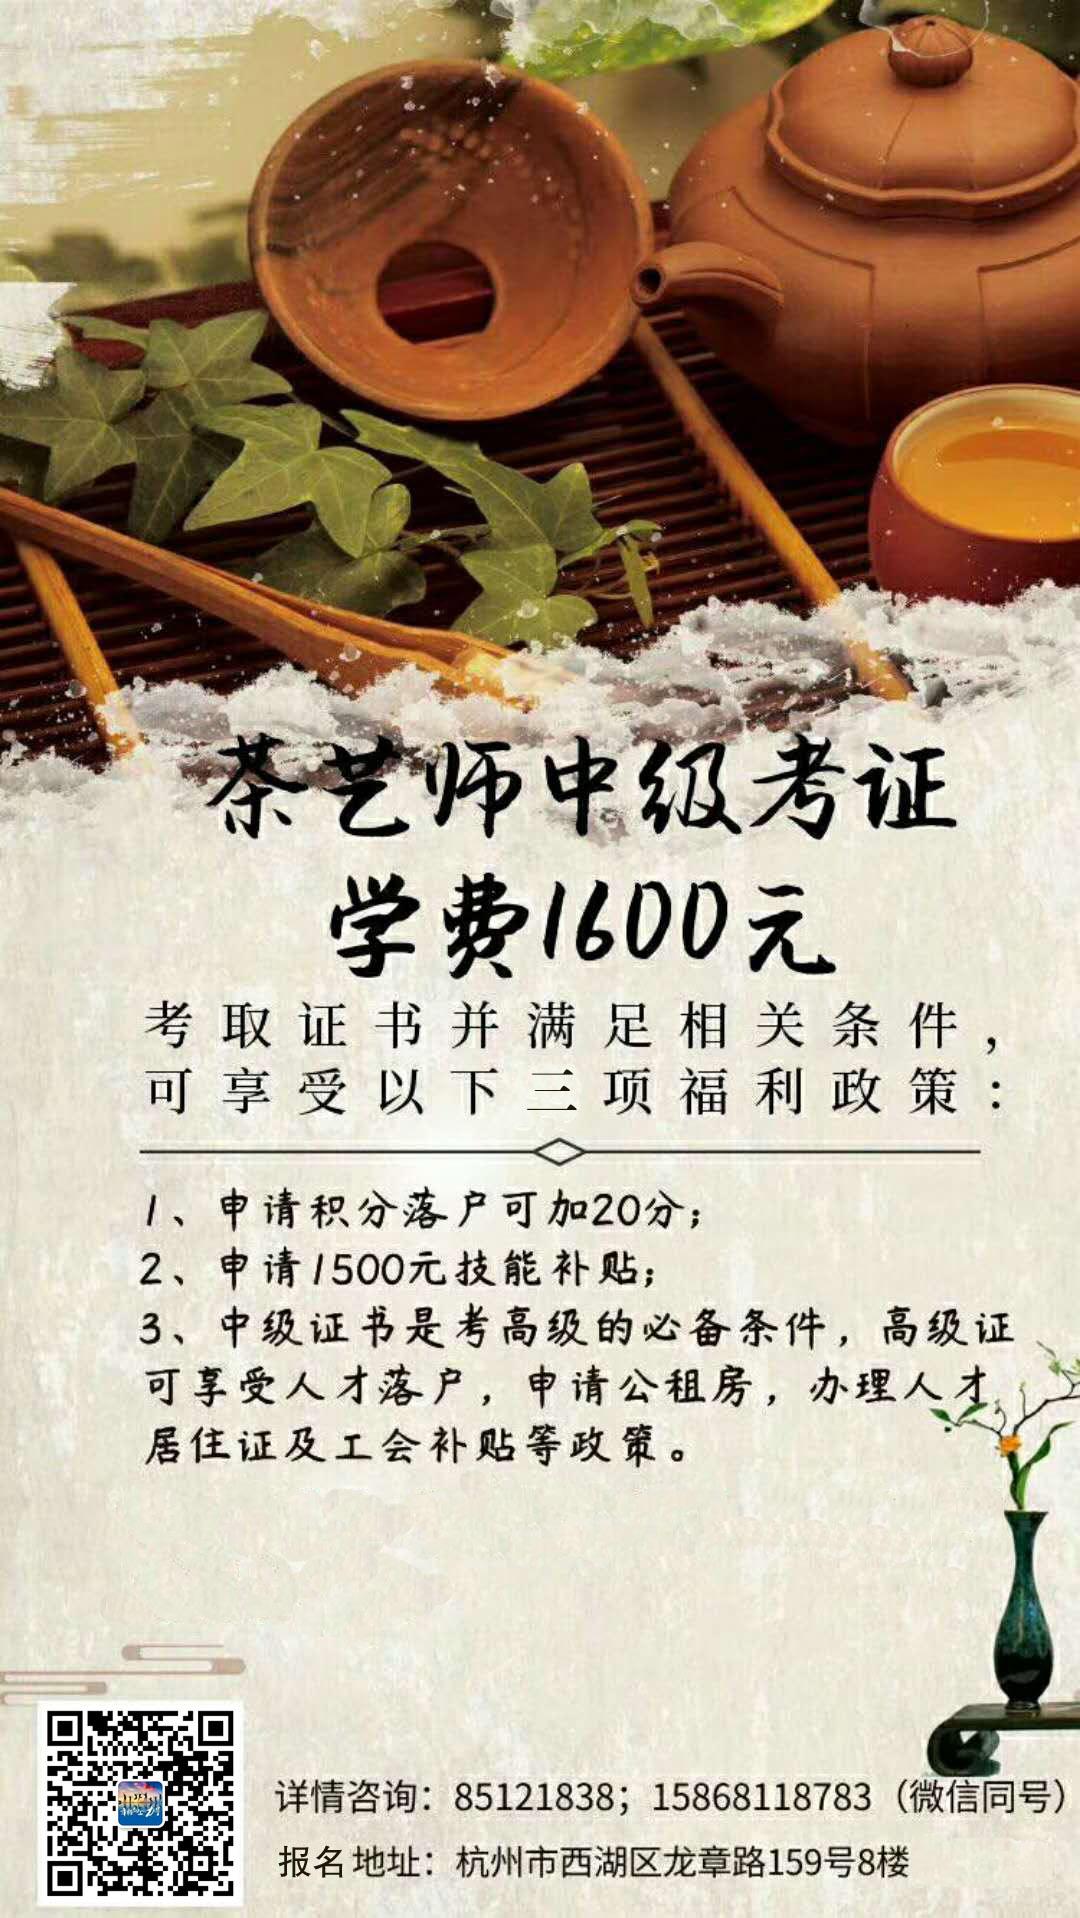 茶藝師中級考證10月.jpg